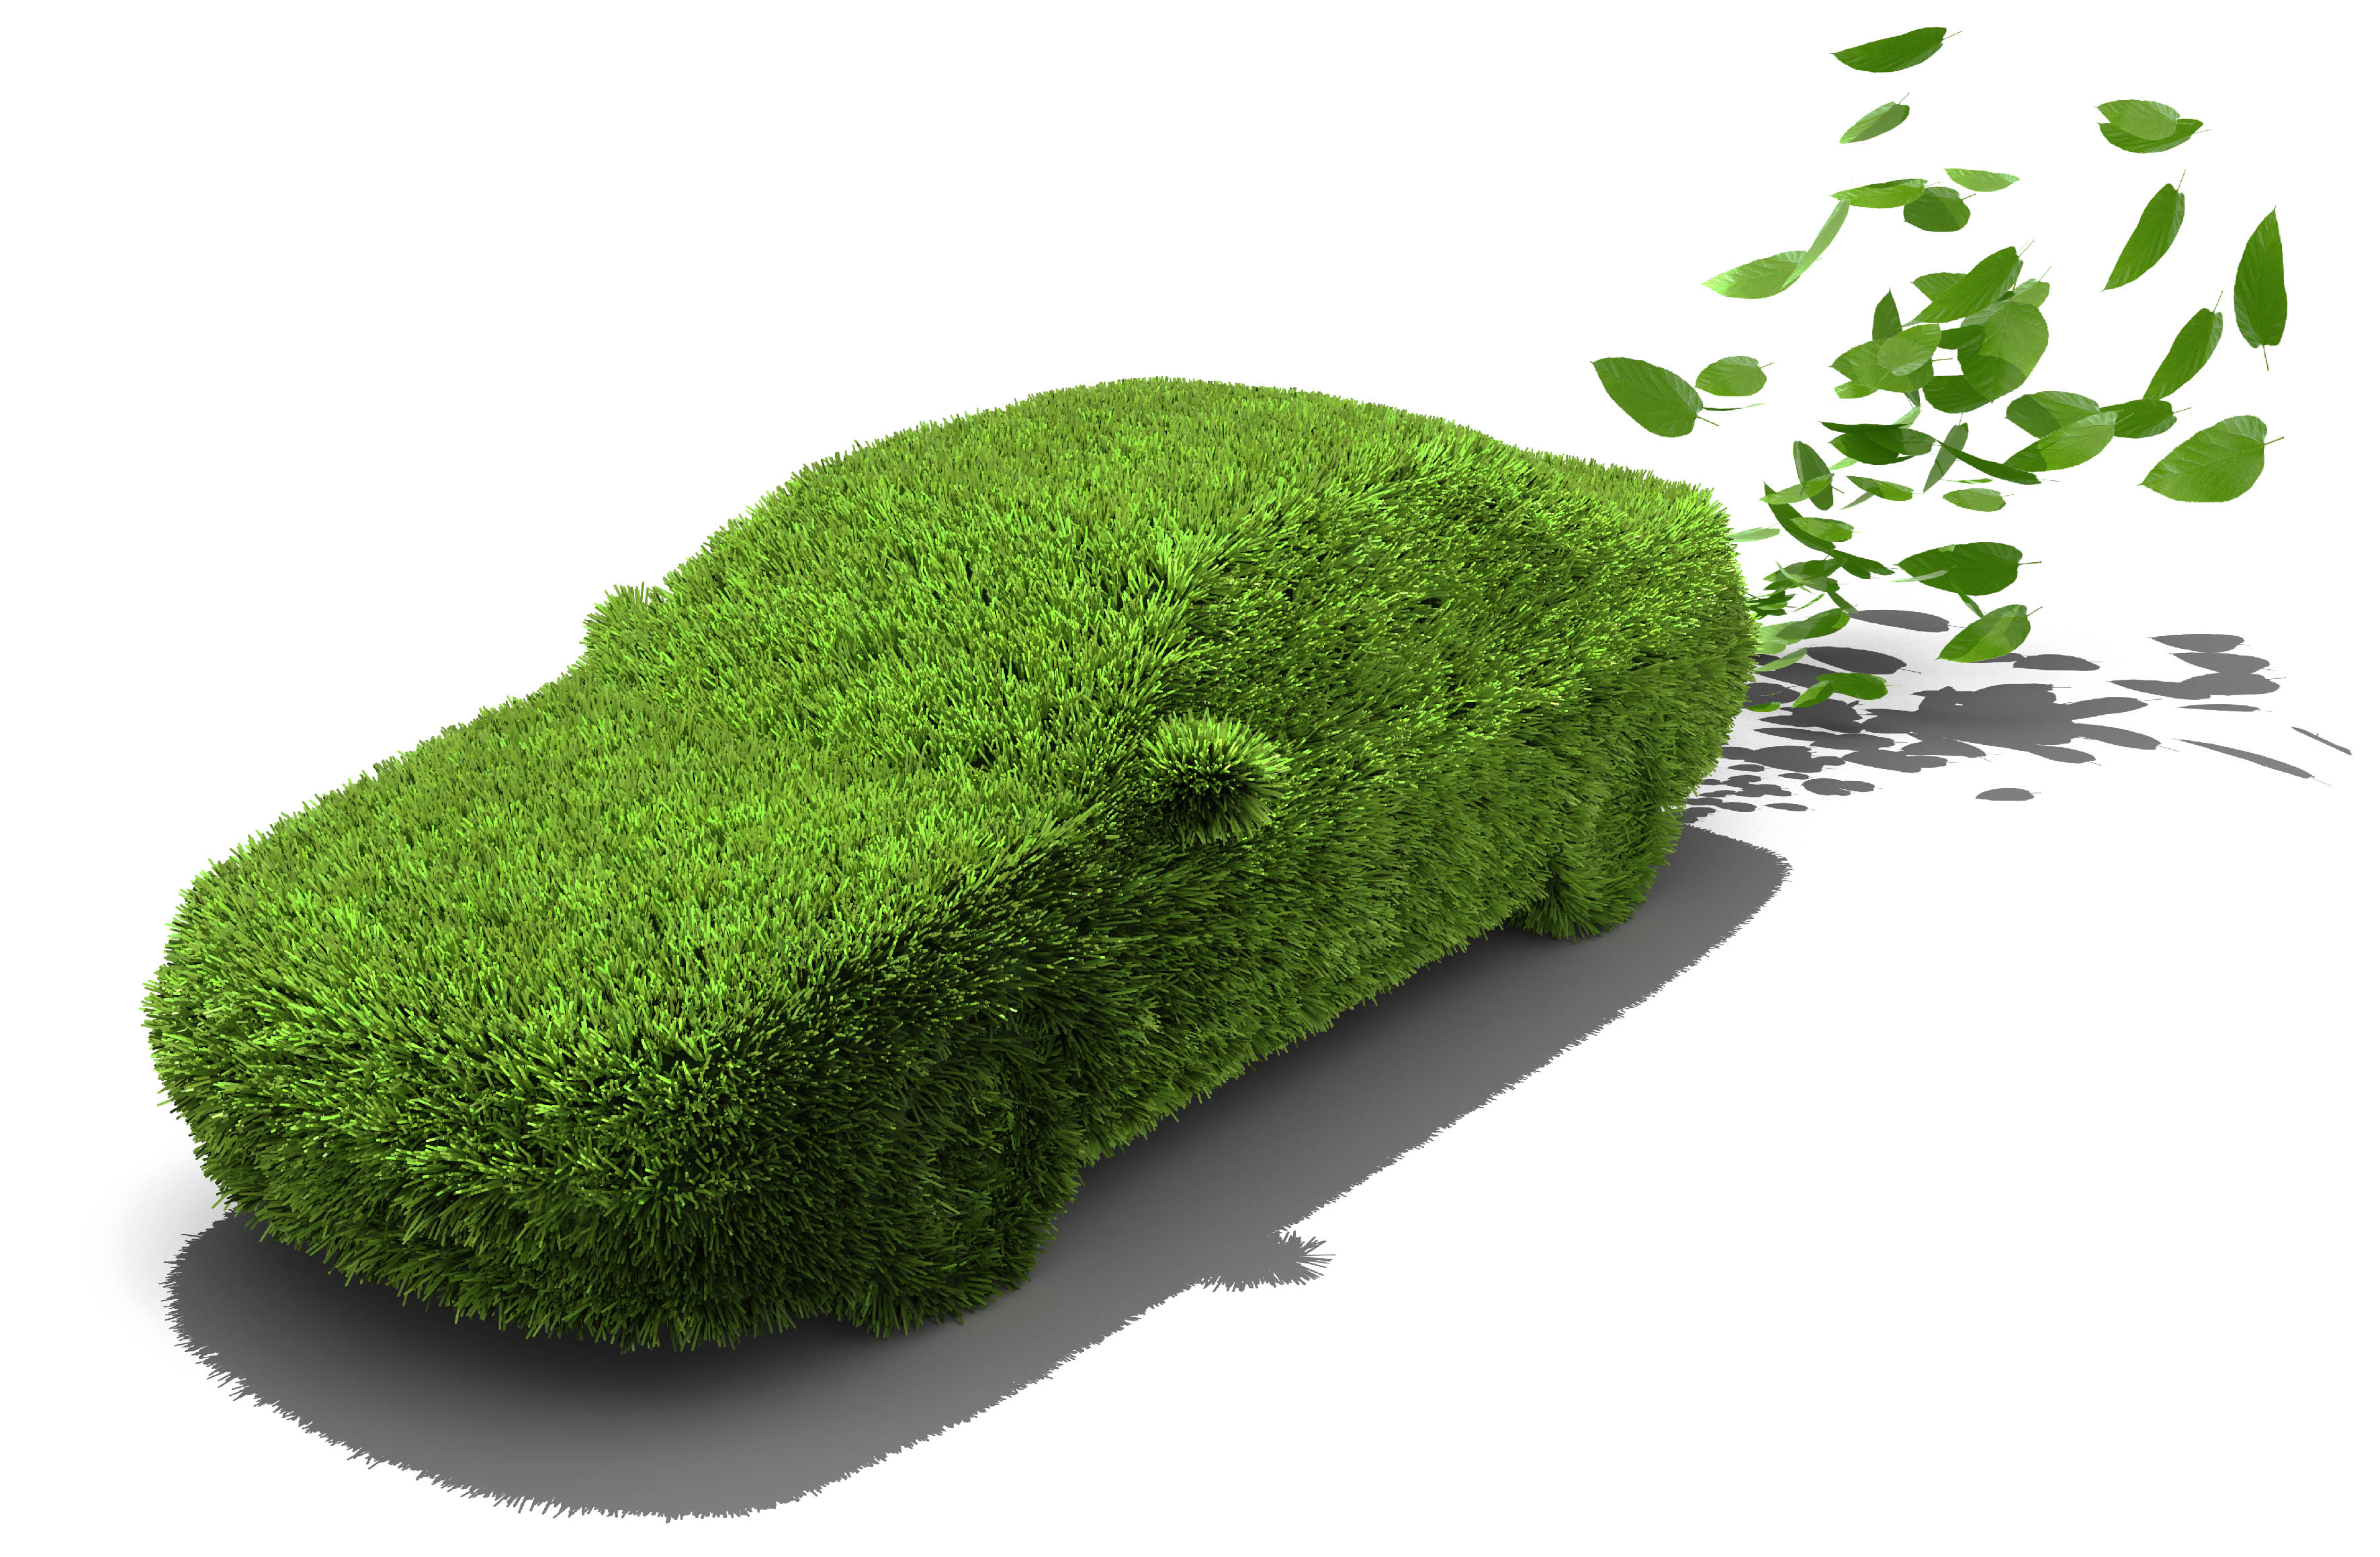 新能源汽车补贴骗局拆穿 财政部2020年后取消补贴 新能源汽车 财政部部长 凤凰科技